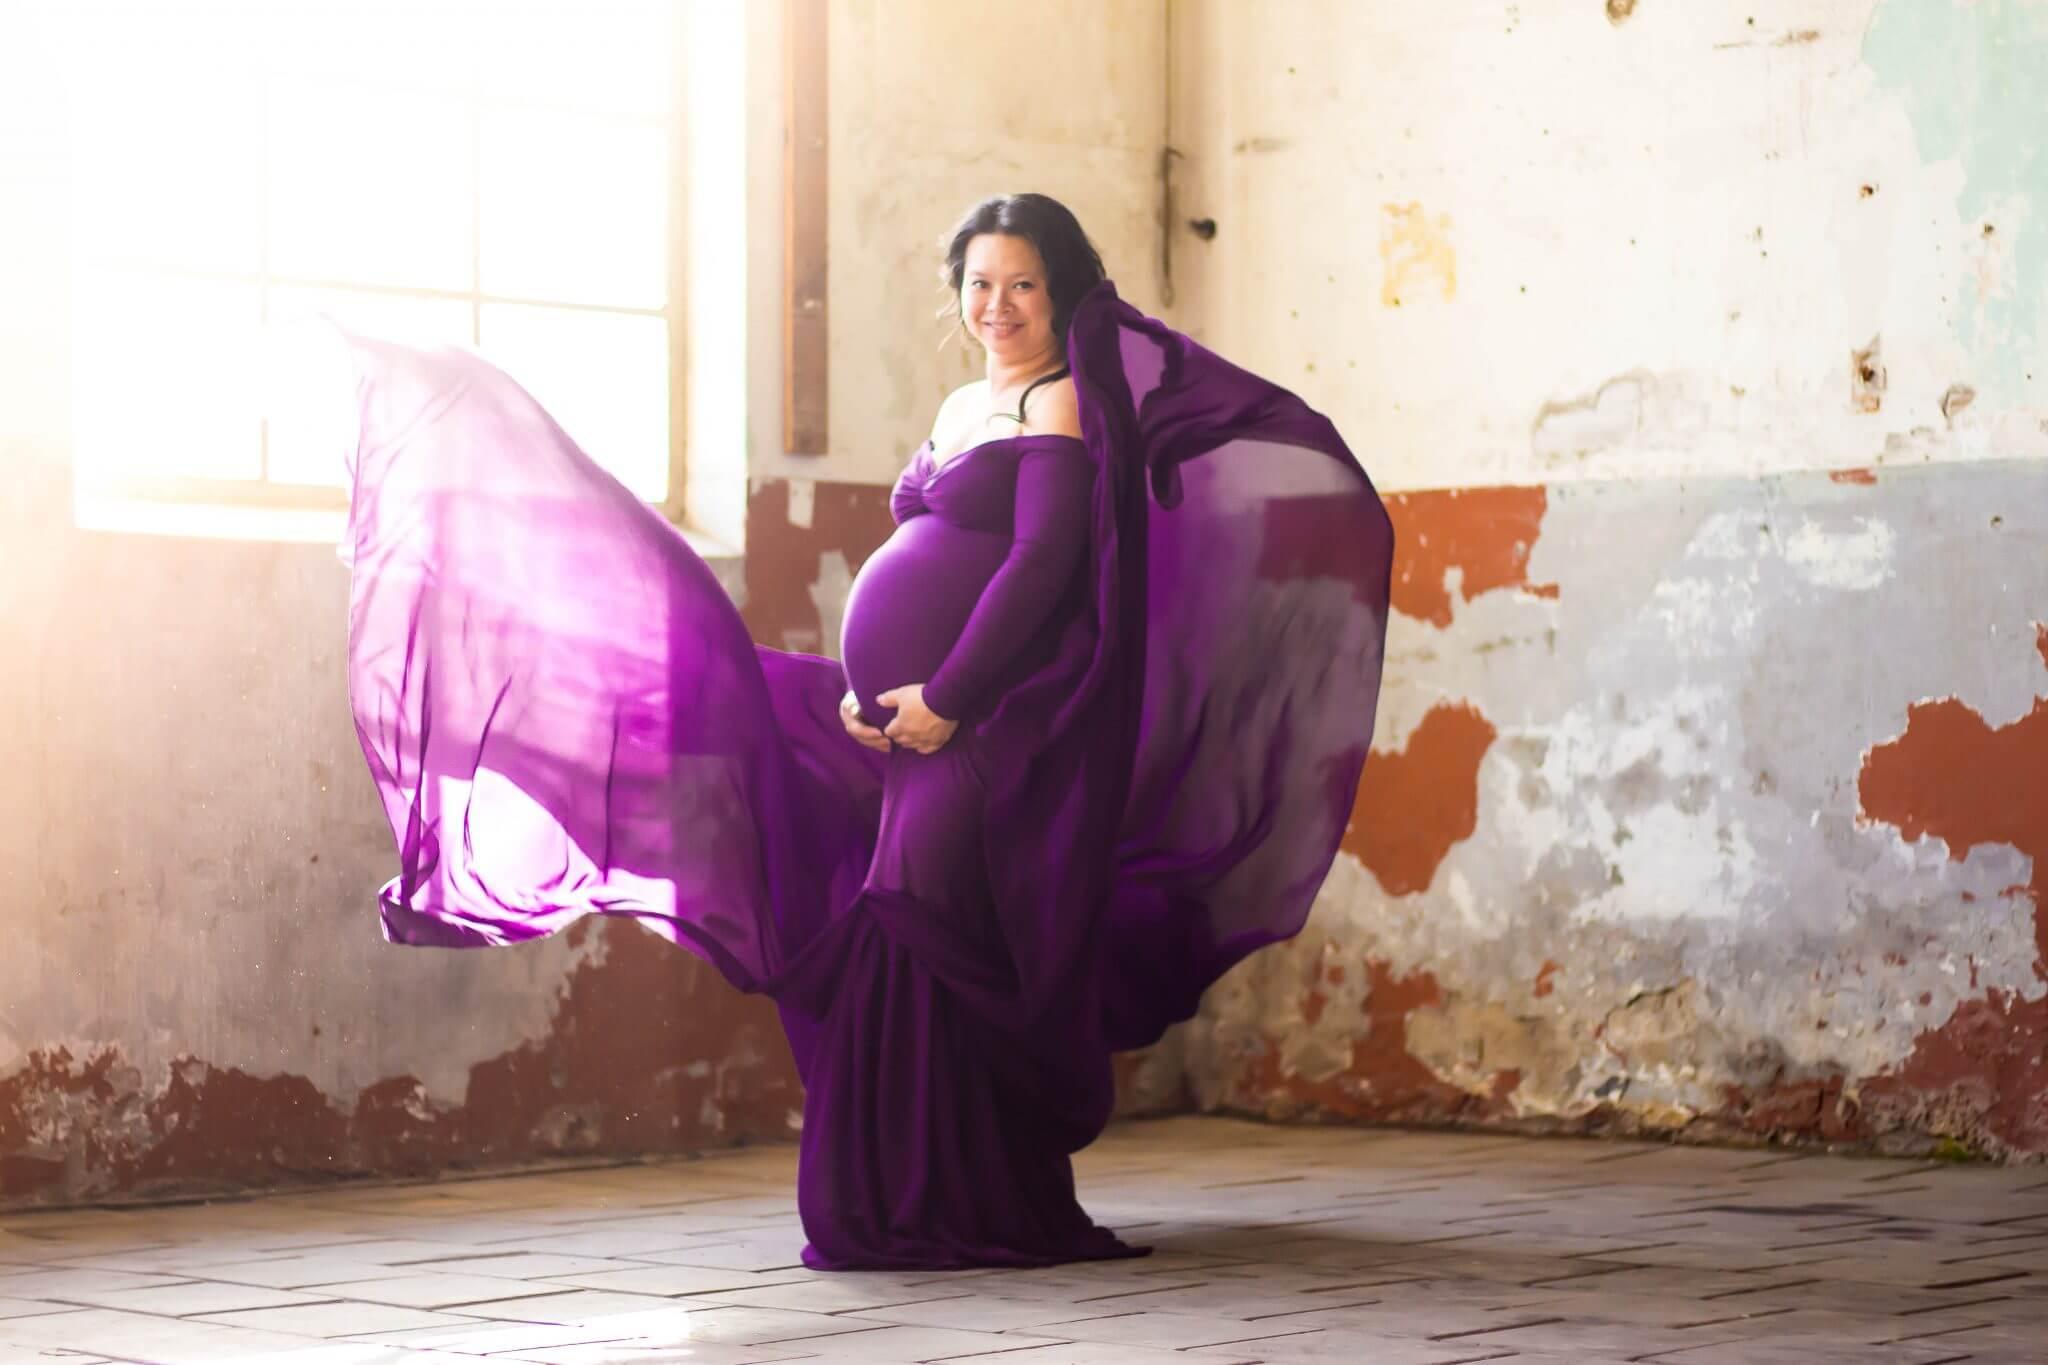 Lijn 10 , zwanger, fotoshoot, fotografie, Zuidhorn, bellly shoot, zwangerschaps schoot. dikke buik , fotografie lijn 10, Zuidhorn, Zwanger